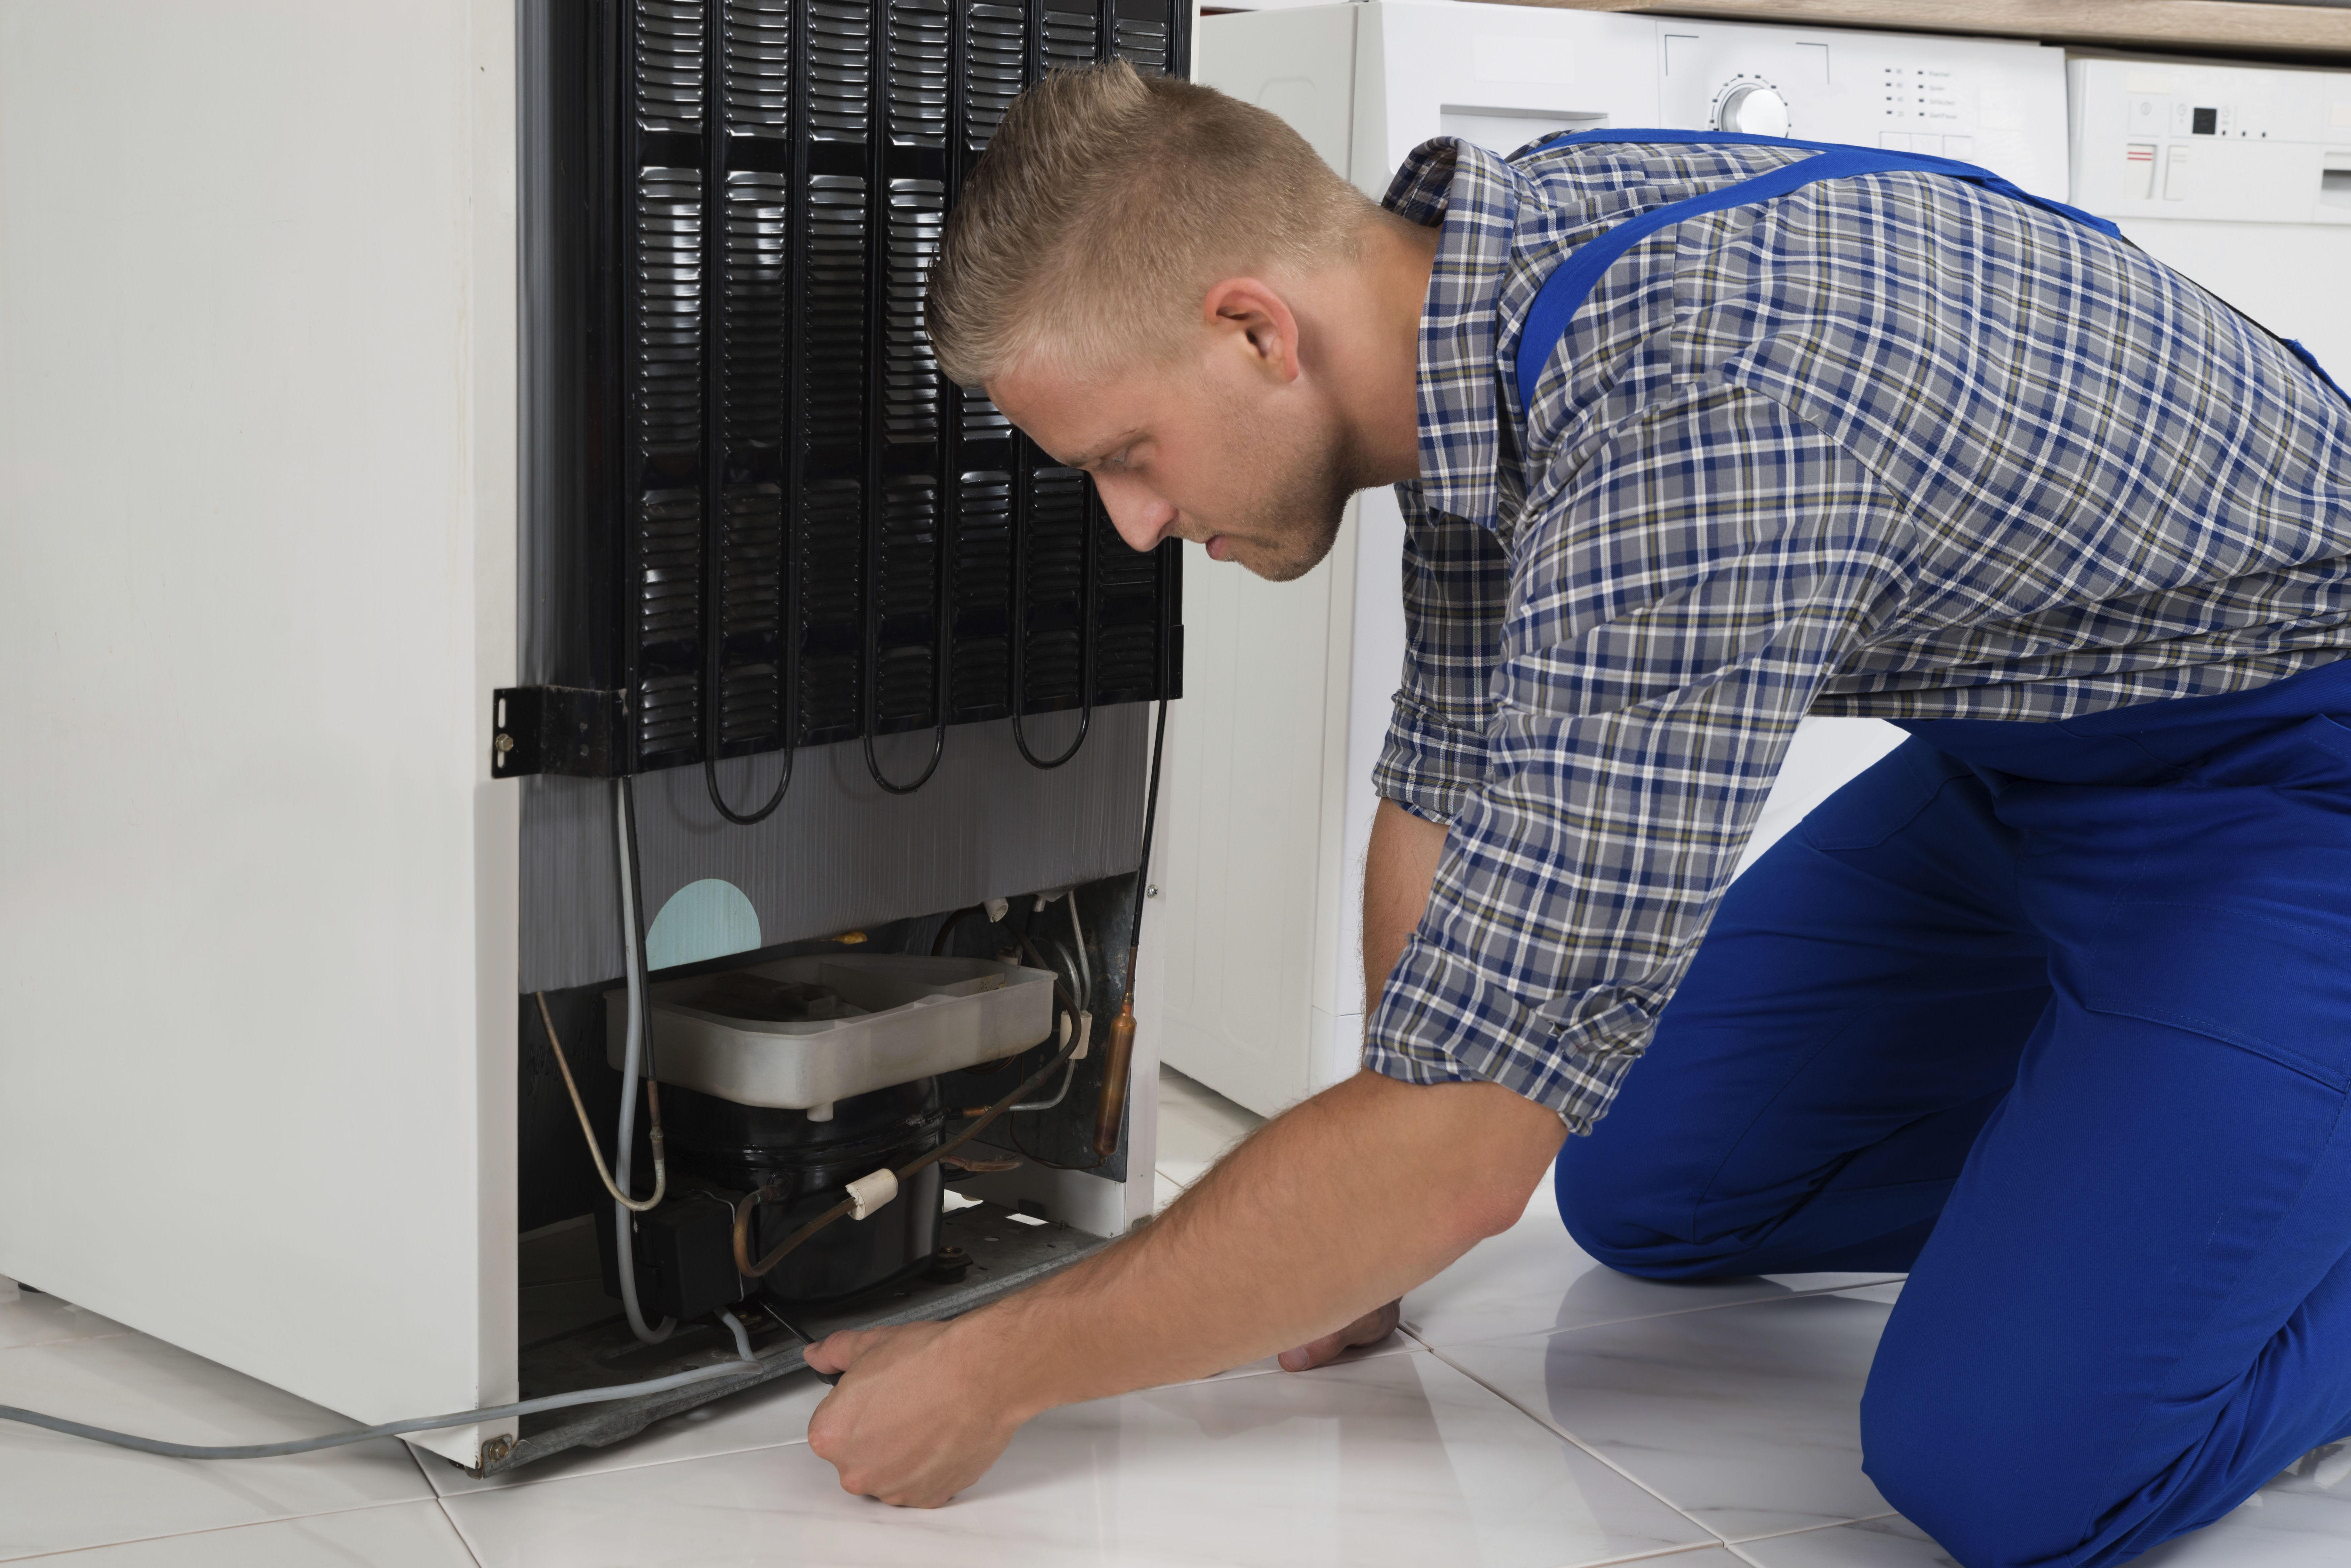 Reparación de frigoríficos en Tenerife